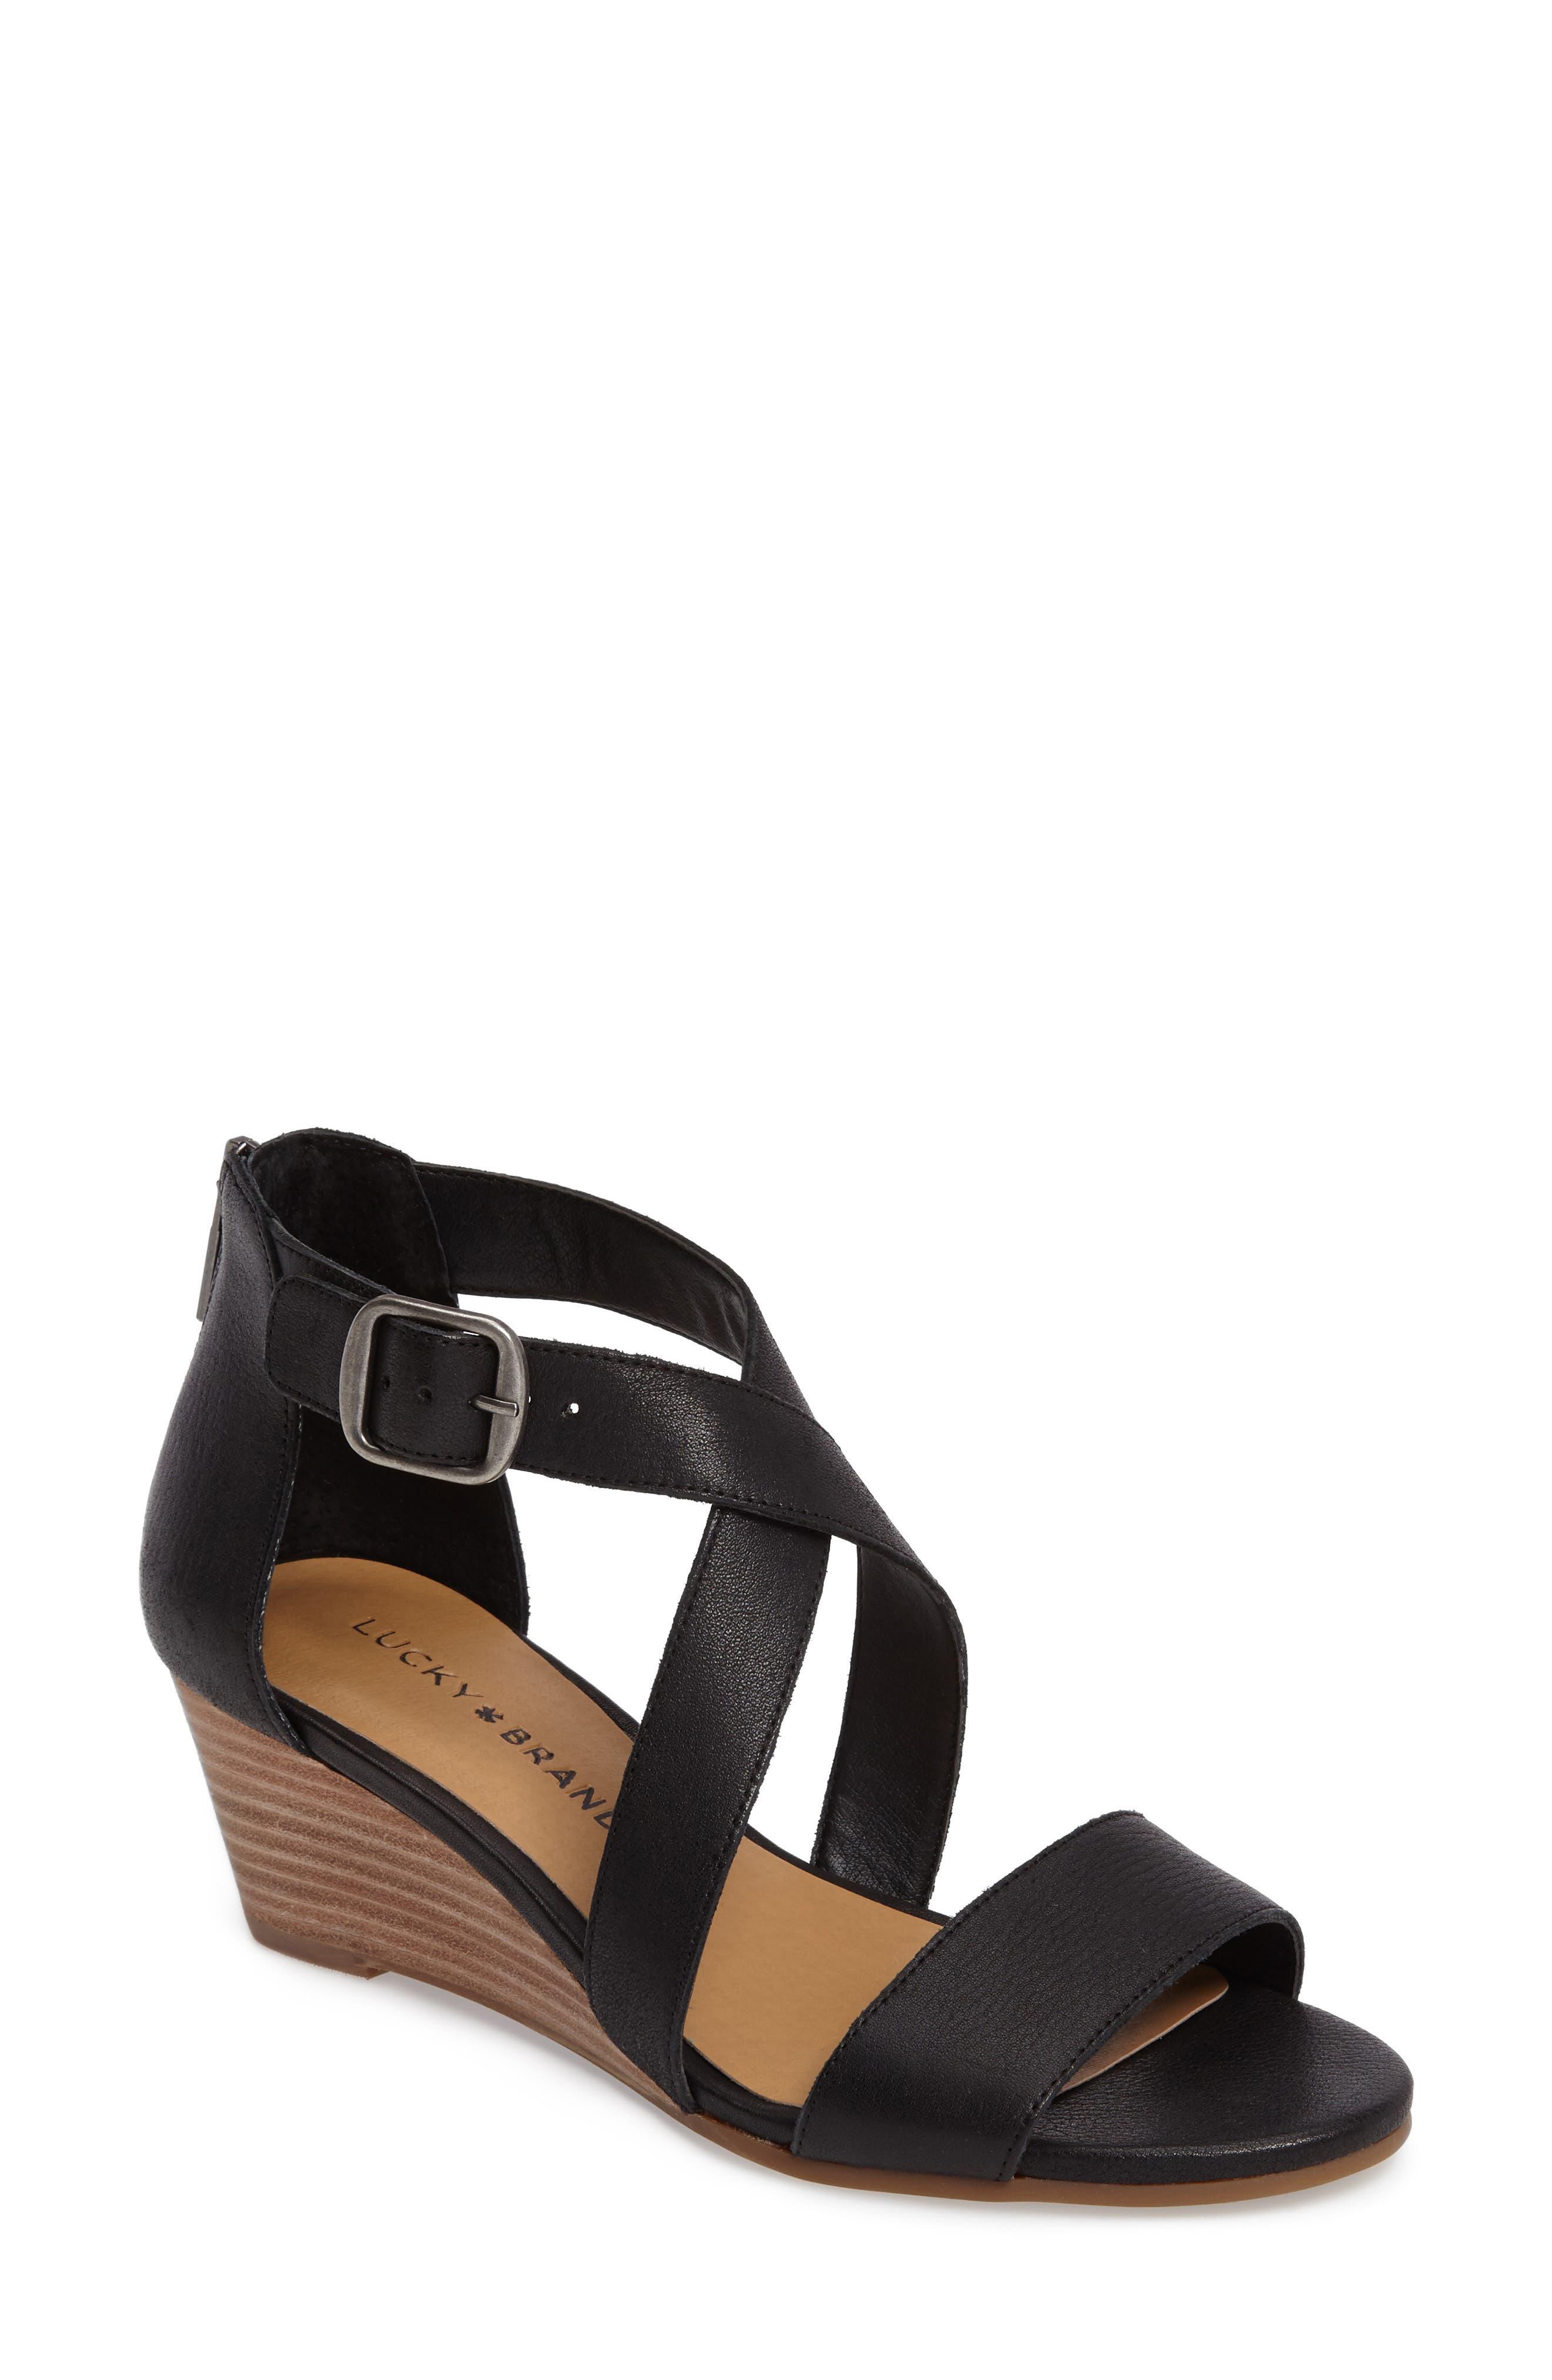 Lucky Brand Jenley Wedge Sandal- Black